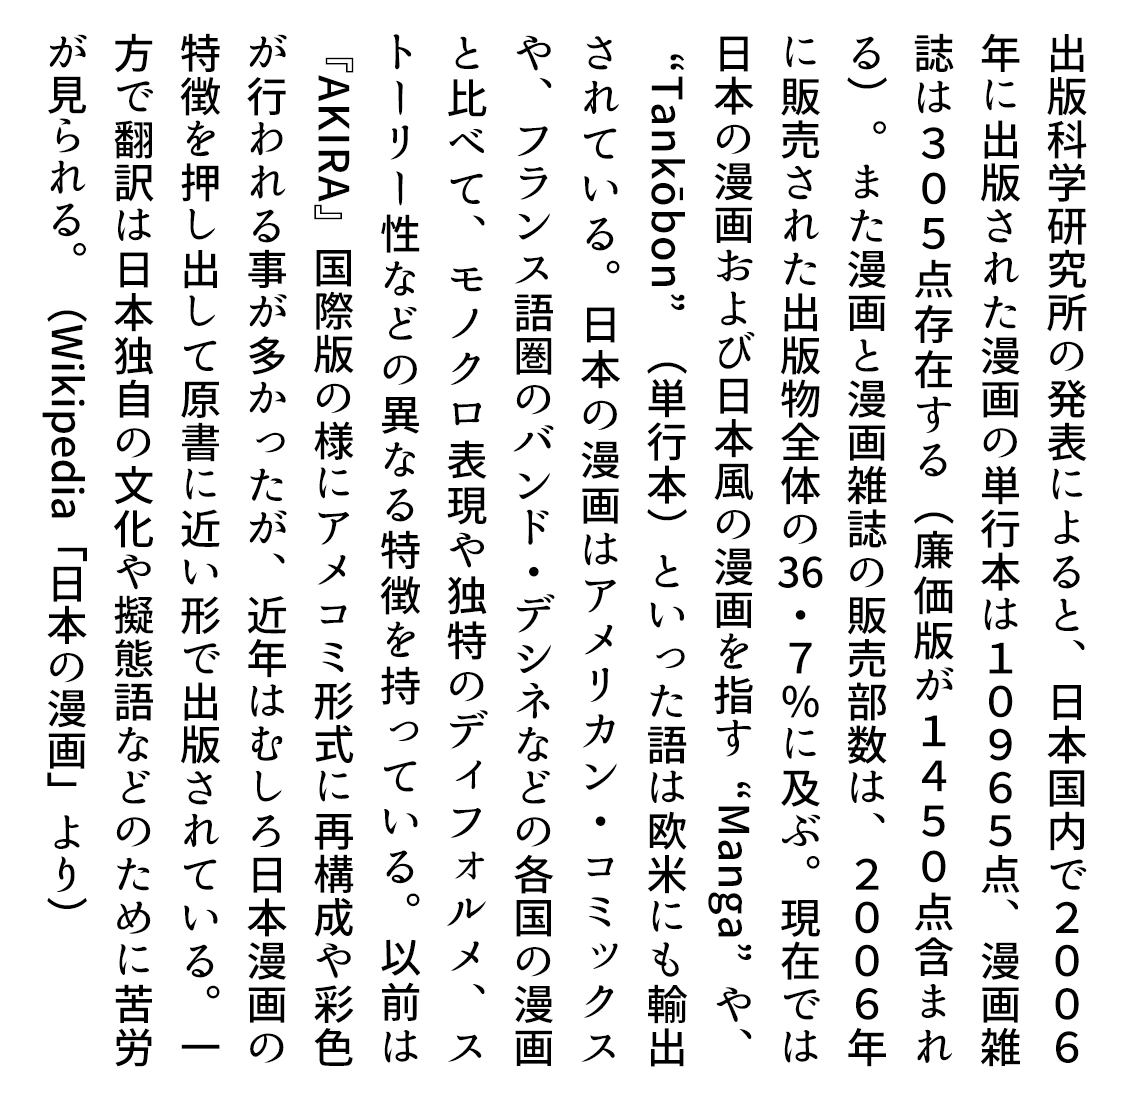 【动漫字体】日本动漫卡通专用的动漫字体免费下载,无版权可商用